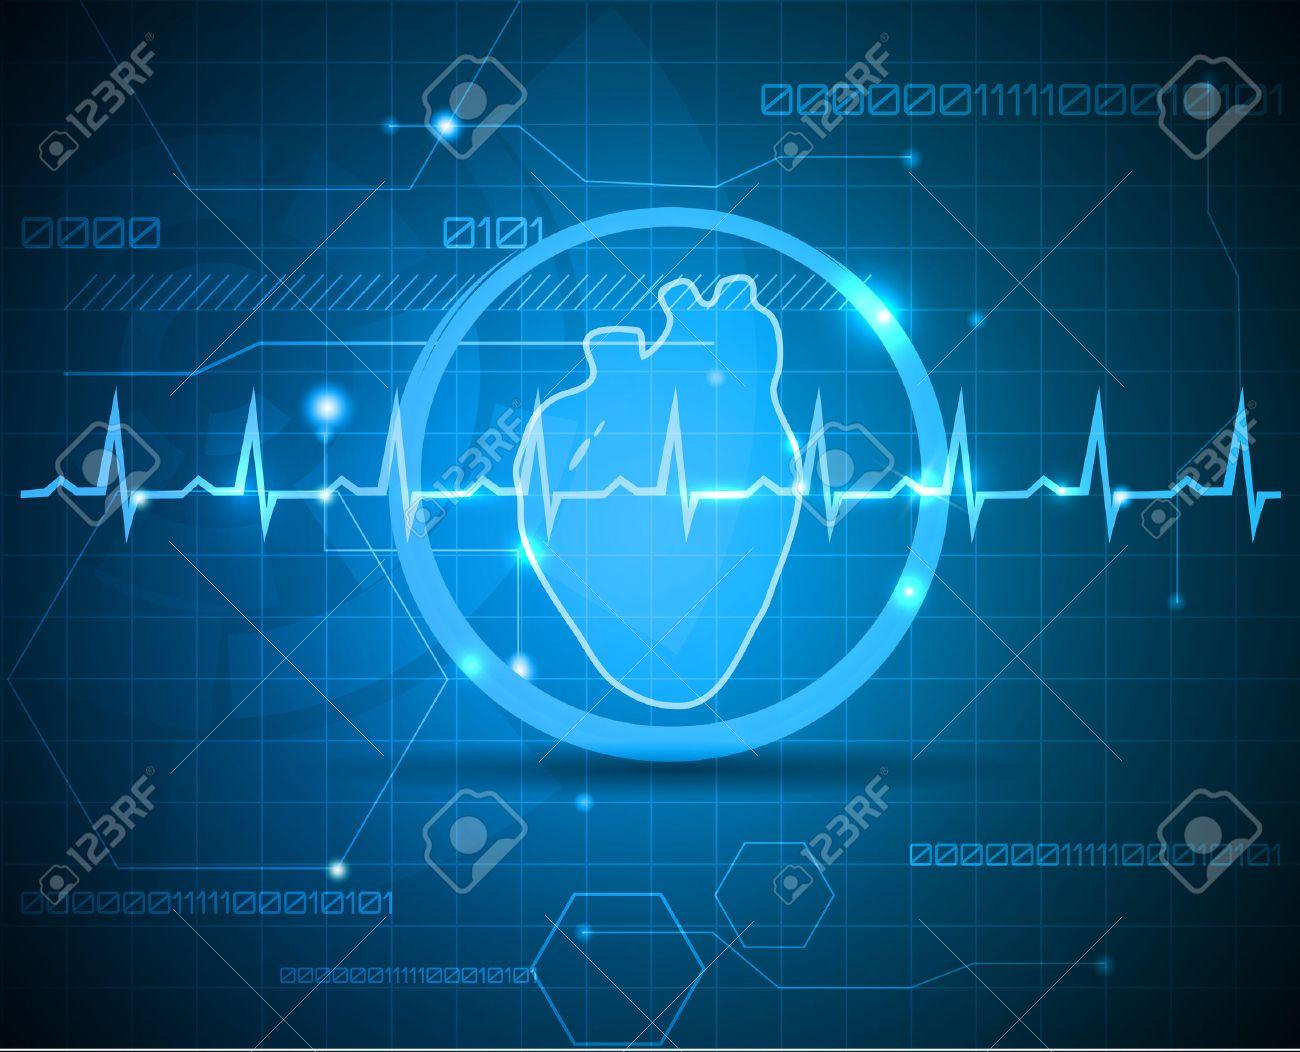 Menschliche Anatomie Des Herzens. Abstrakte Medizinische Hintergrund ...